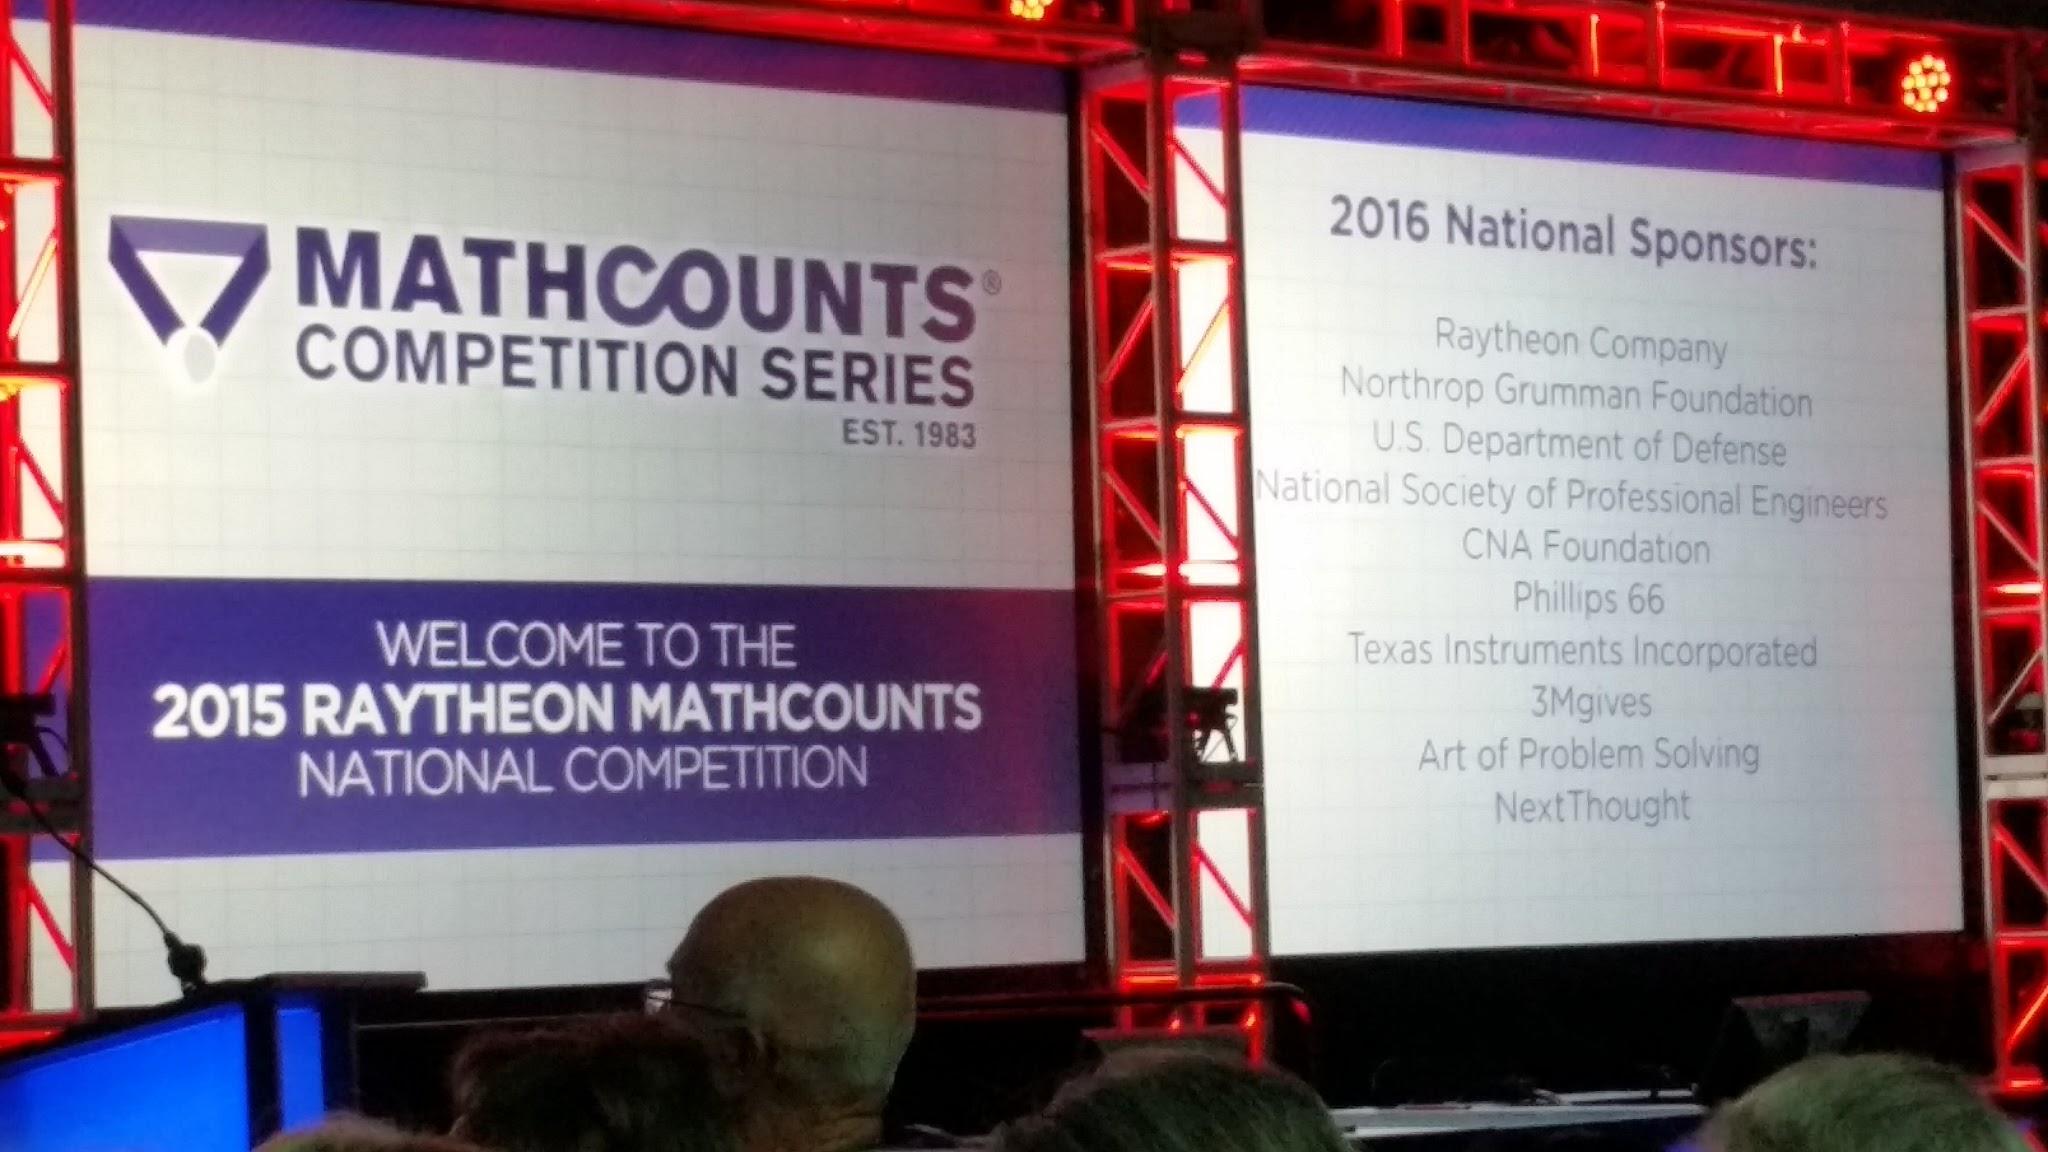 MathCounts 2015 2016